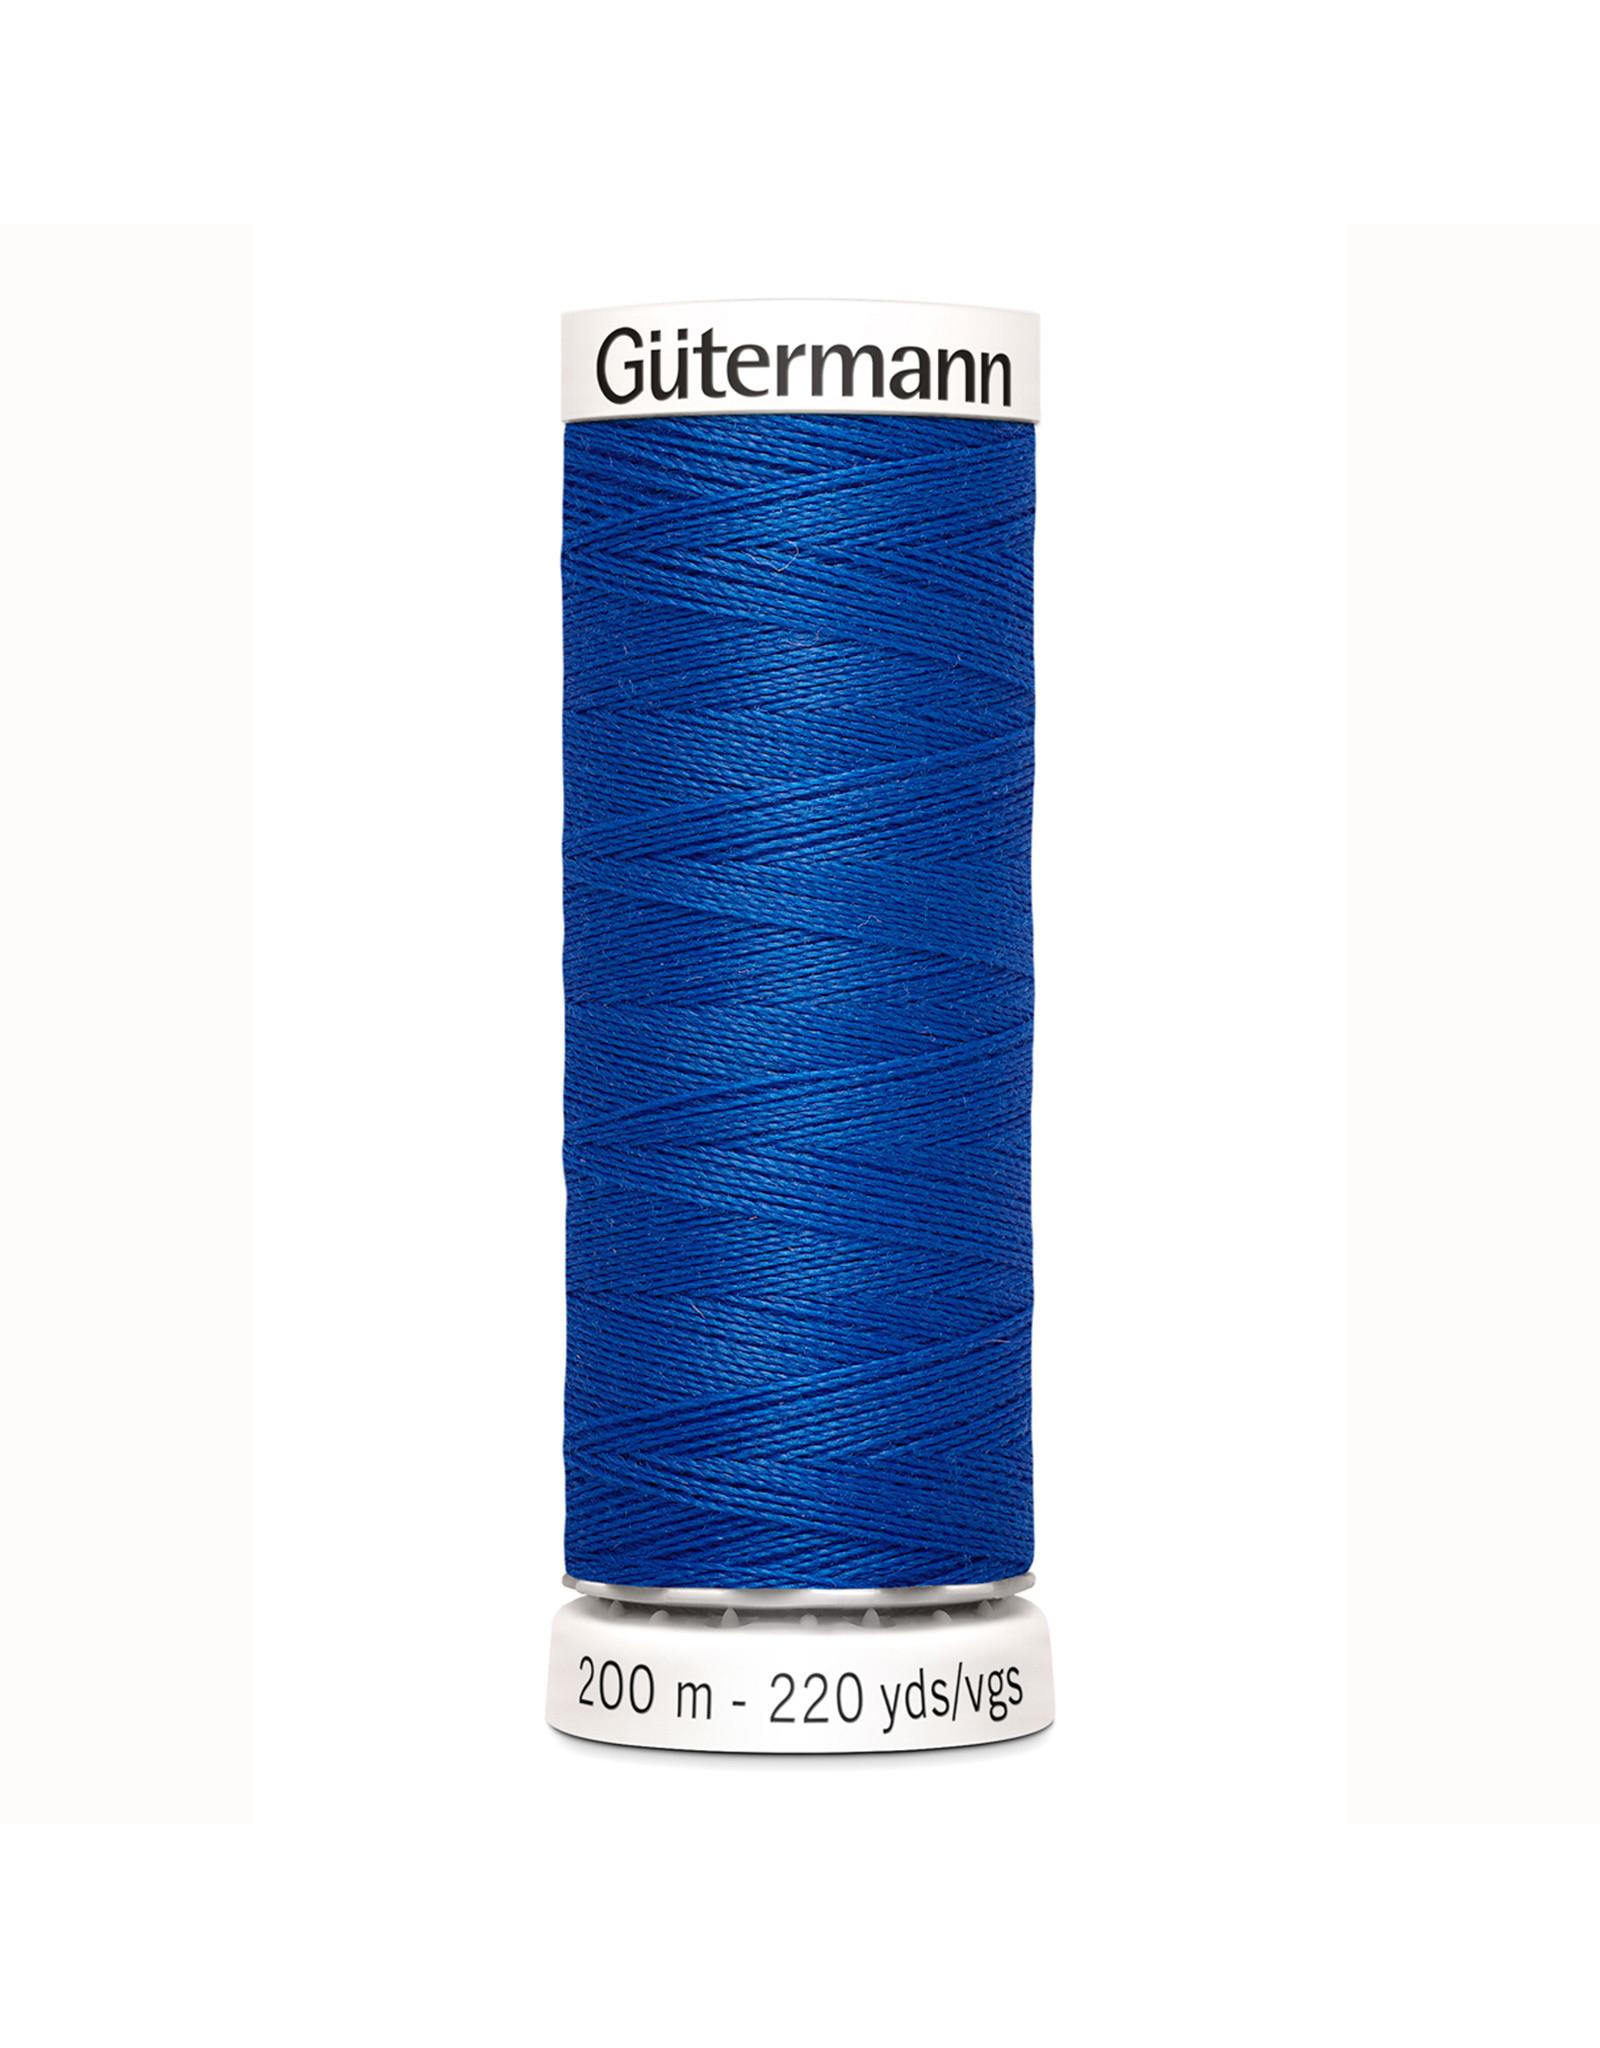 Gütermann Gütermann Nähgarn 200 m - nr 315